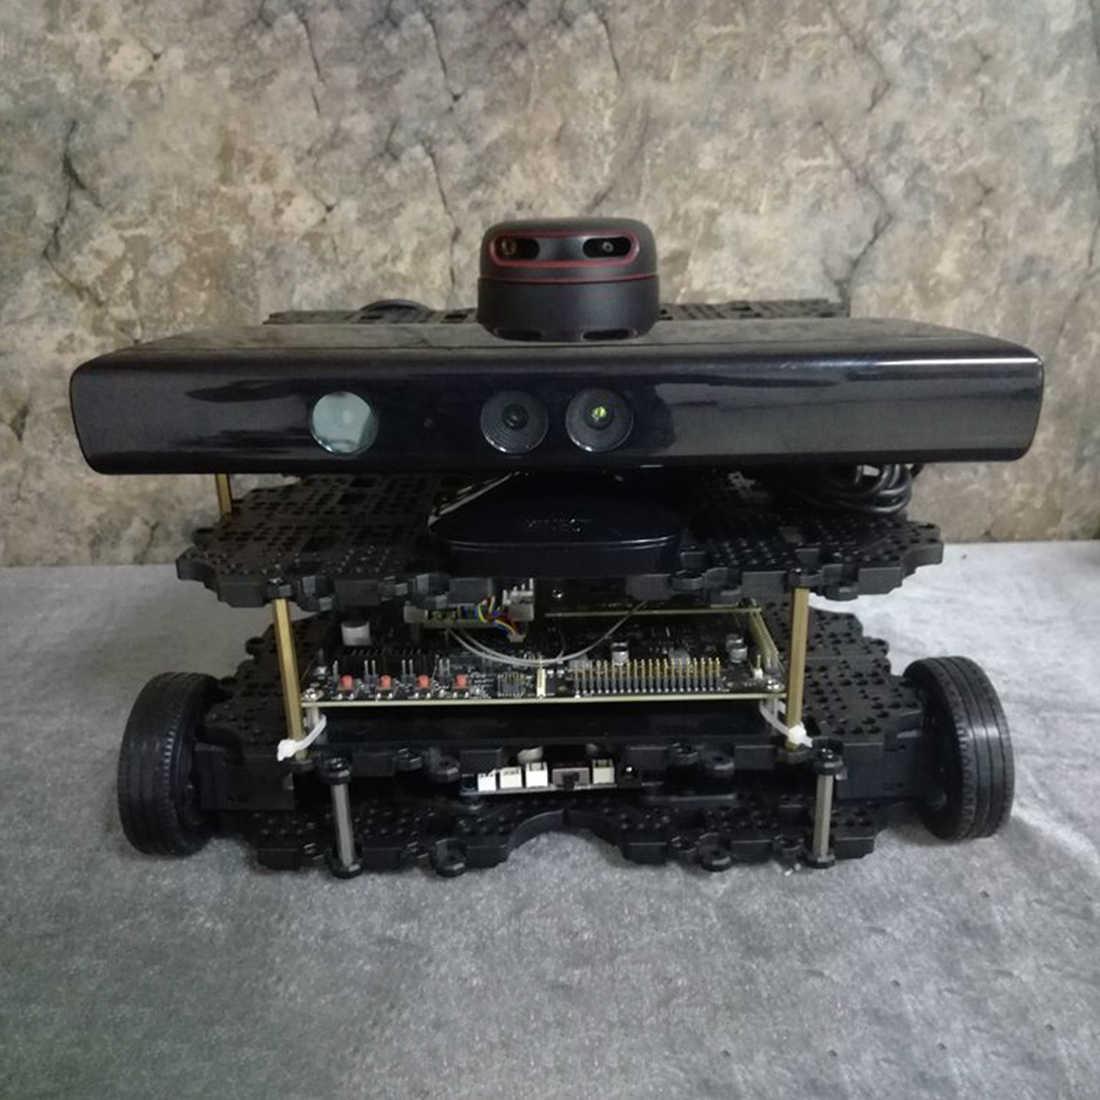 Новое прибытие бургер версия робот операционная система автопилот робот автомобиль с открытым исходным кодом комплект